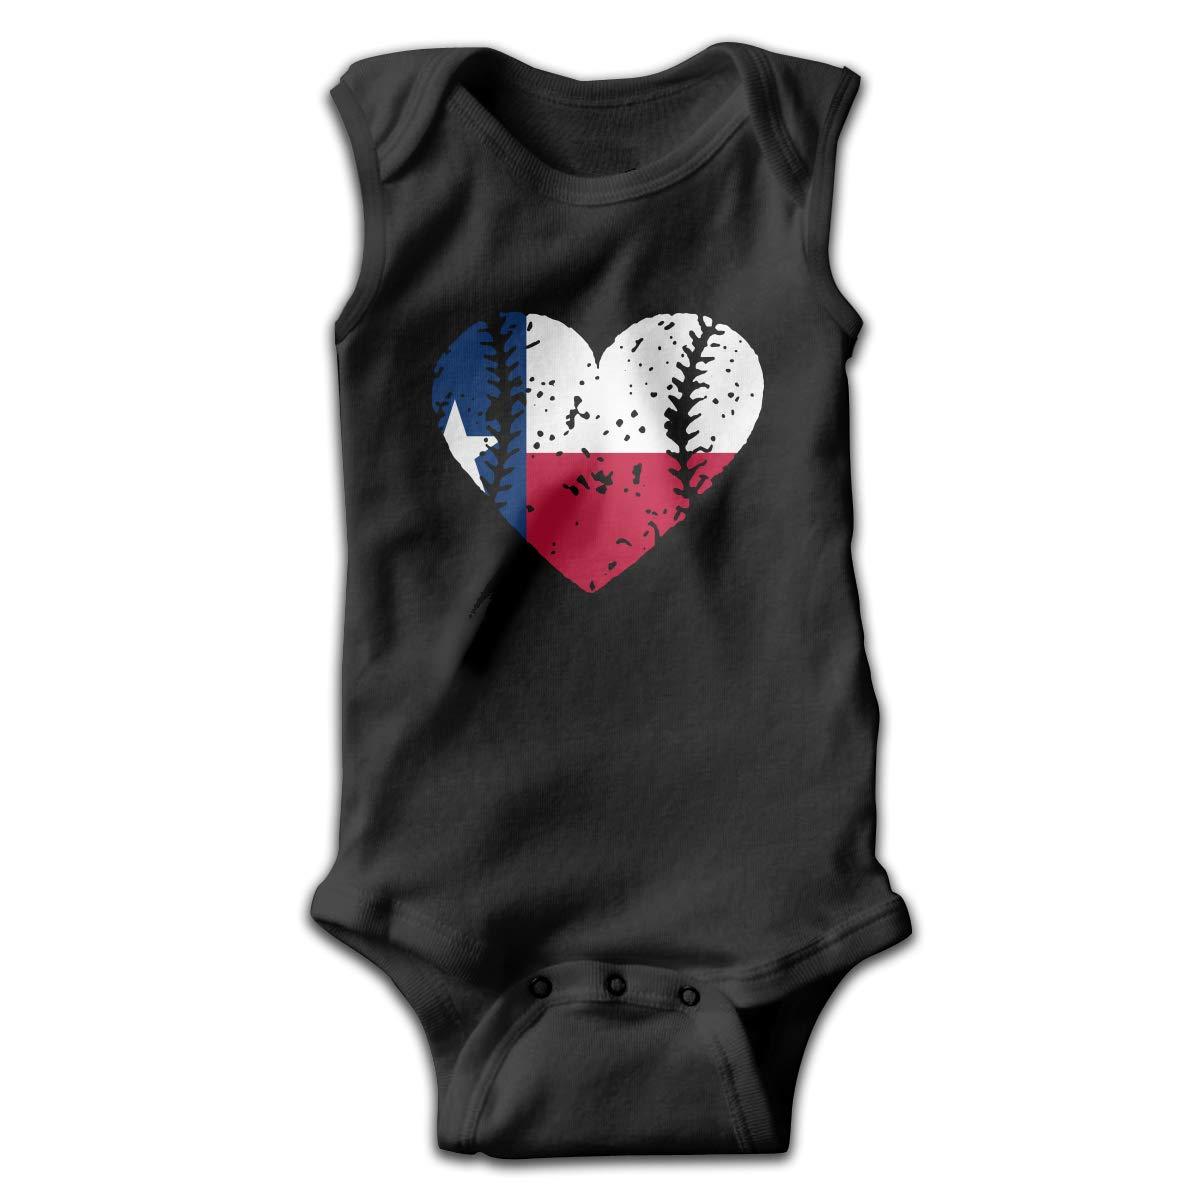 MMSSsJQ6 Baseball Heart Texas Flag Baby Boys Girls Infant Creeper Sleeveless Romper Bodysuit Rompers